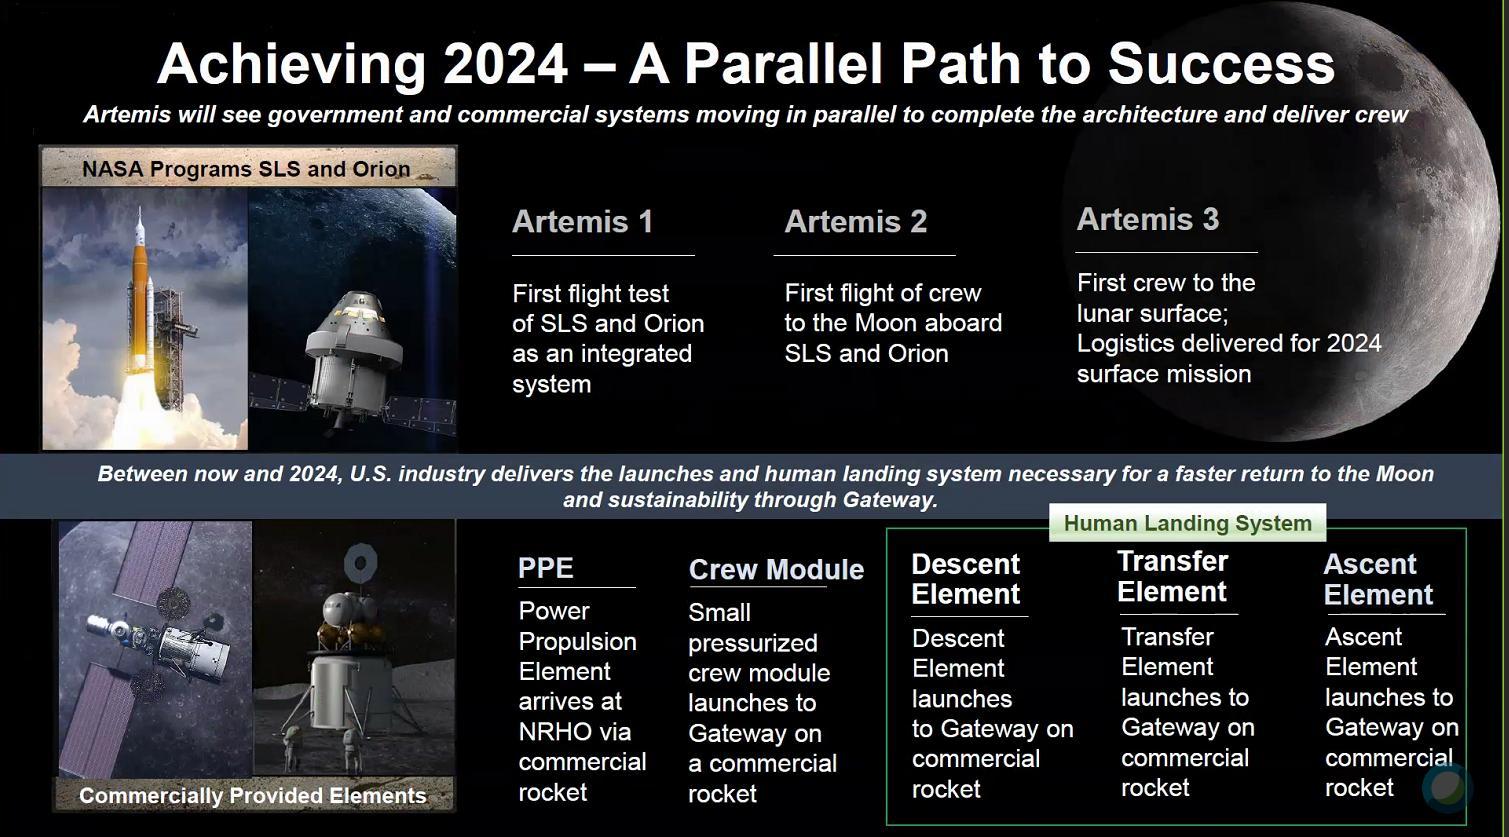 Genèse du programme lunaire Artemis - Page 4 D7GQZTZWsAAmYnc